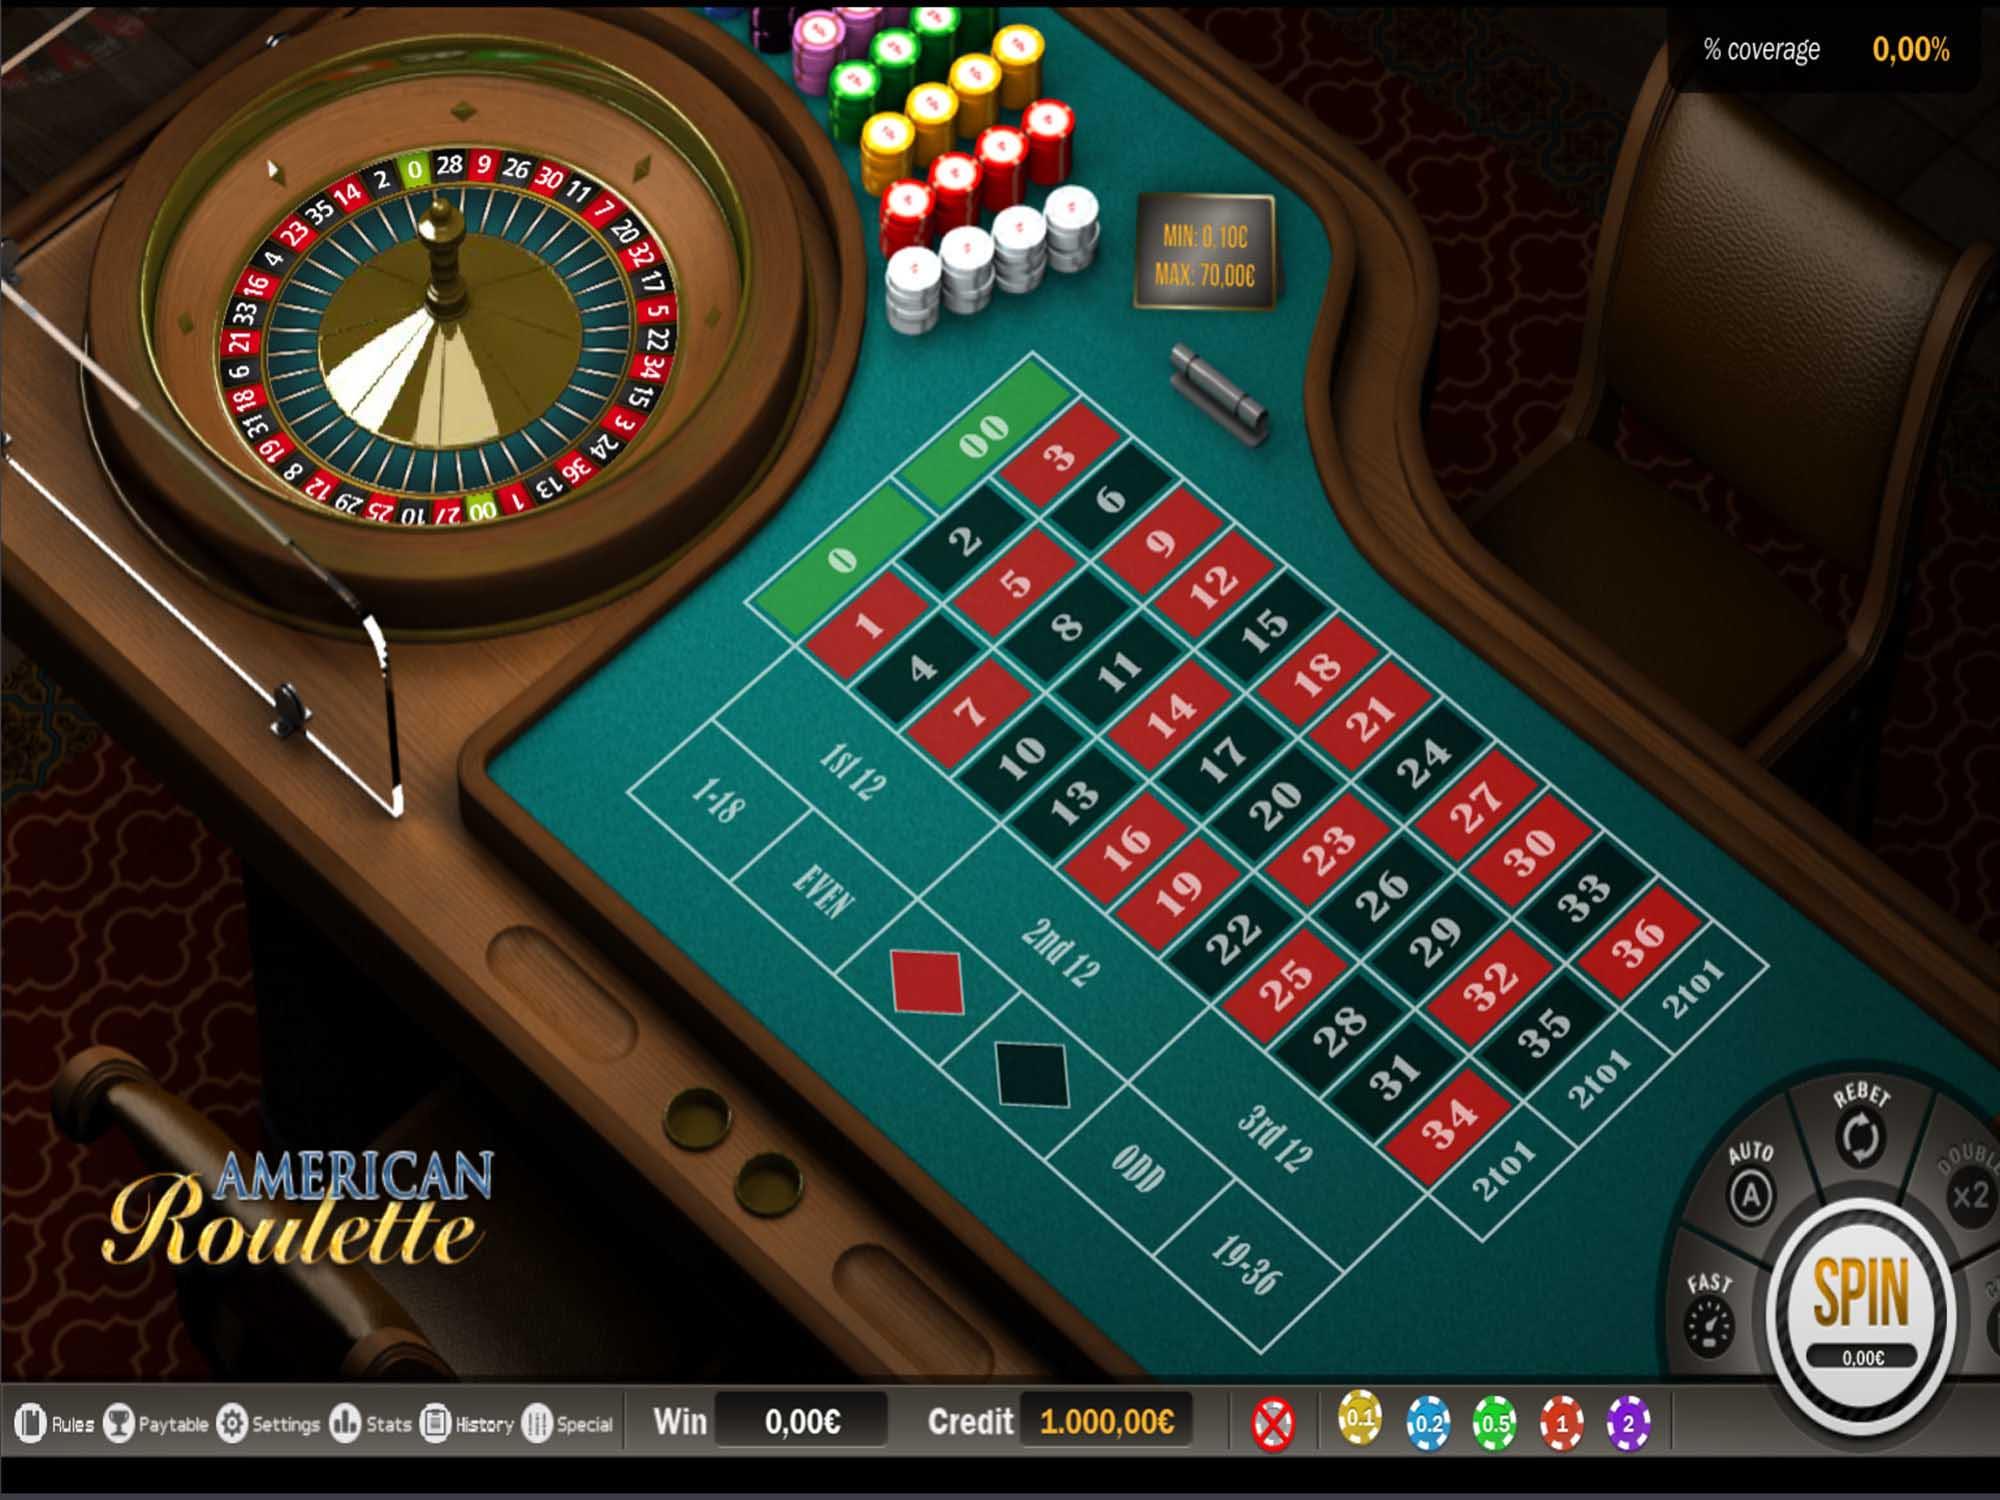 vente chaude pas cher code de promo large choix de couleurs Capecod American Roulette Reviews & Bonuses - GamblersPick